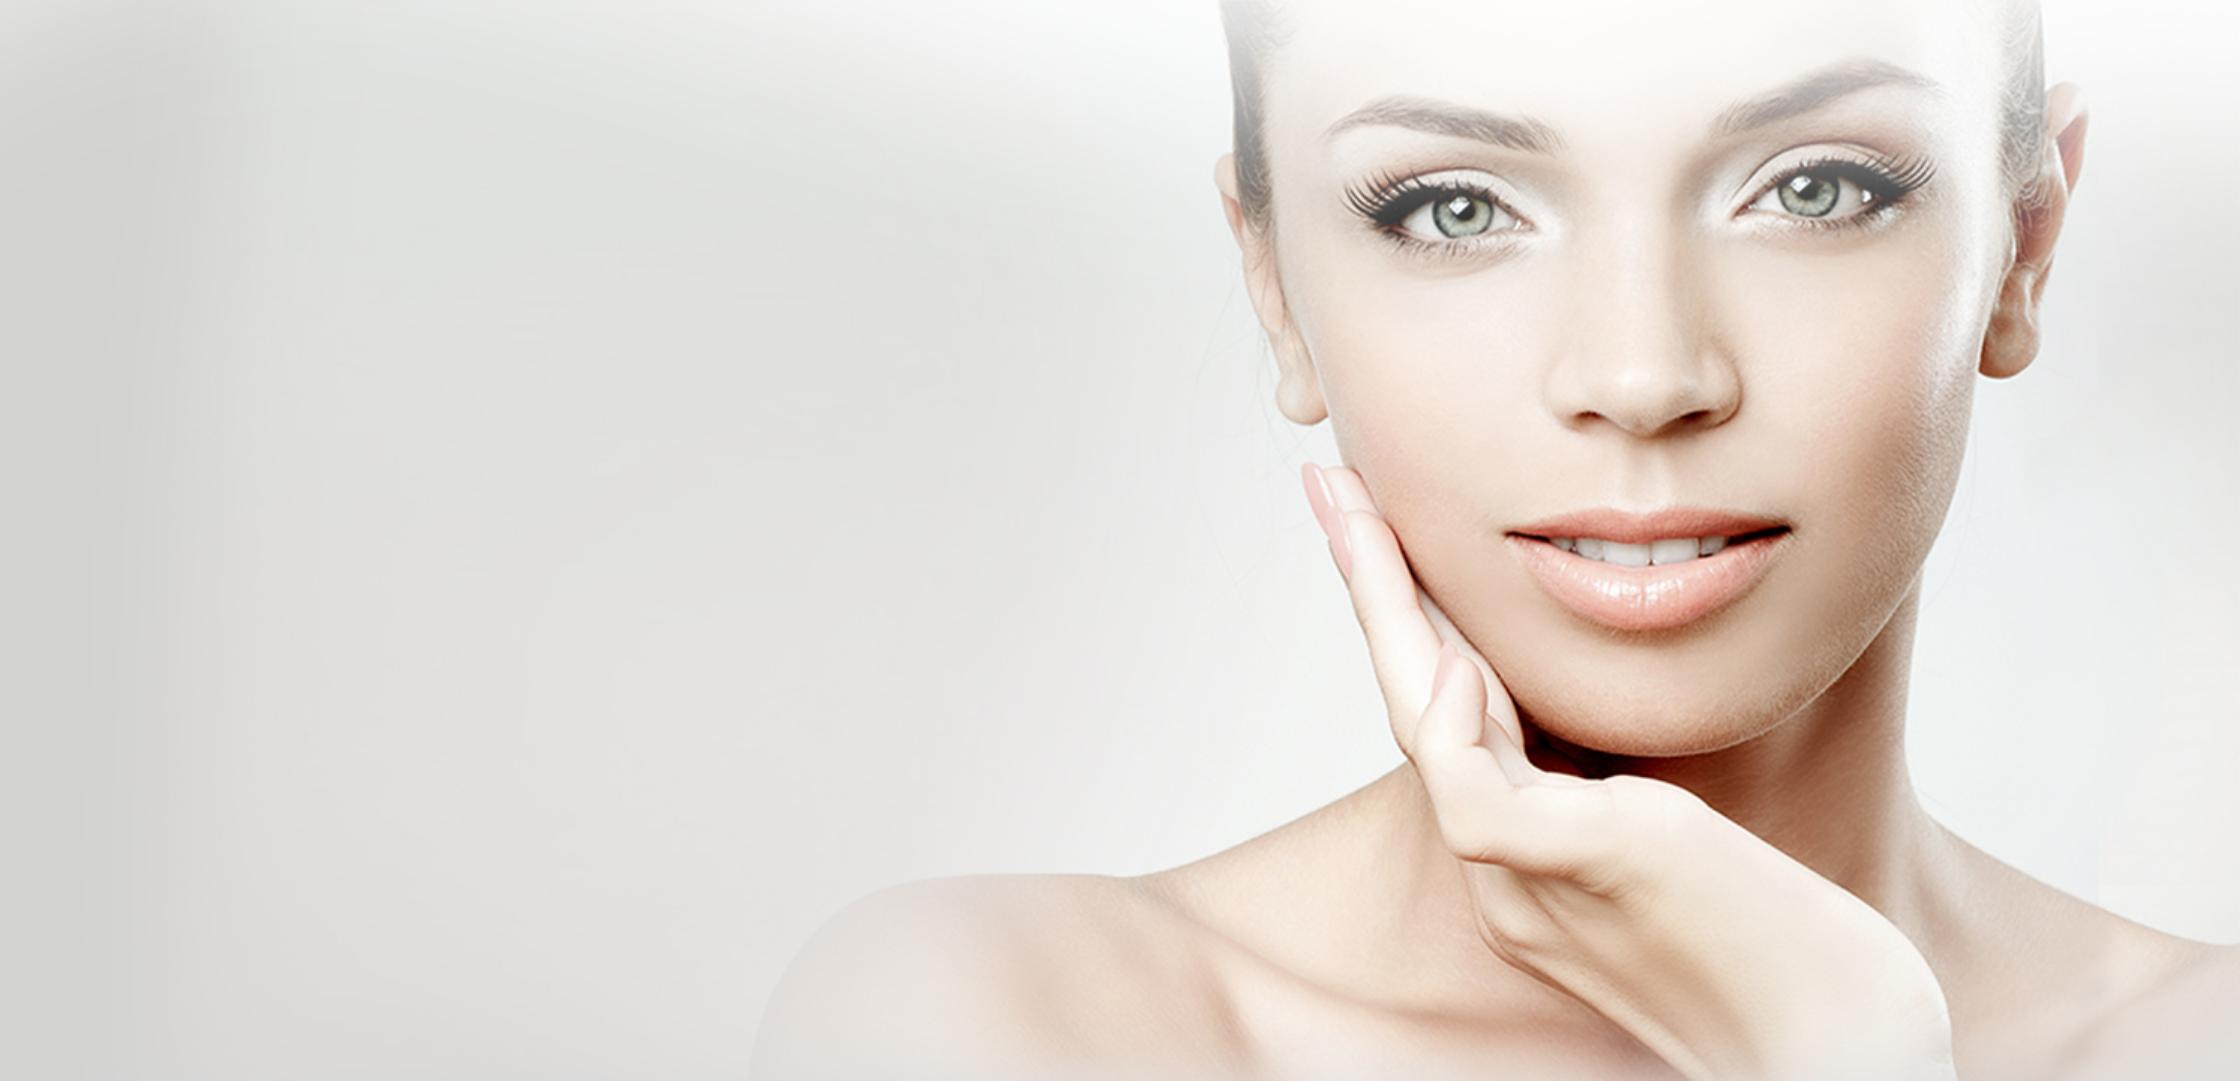 Dermatologist Singapore - Skin Specialist